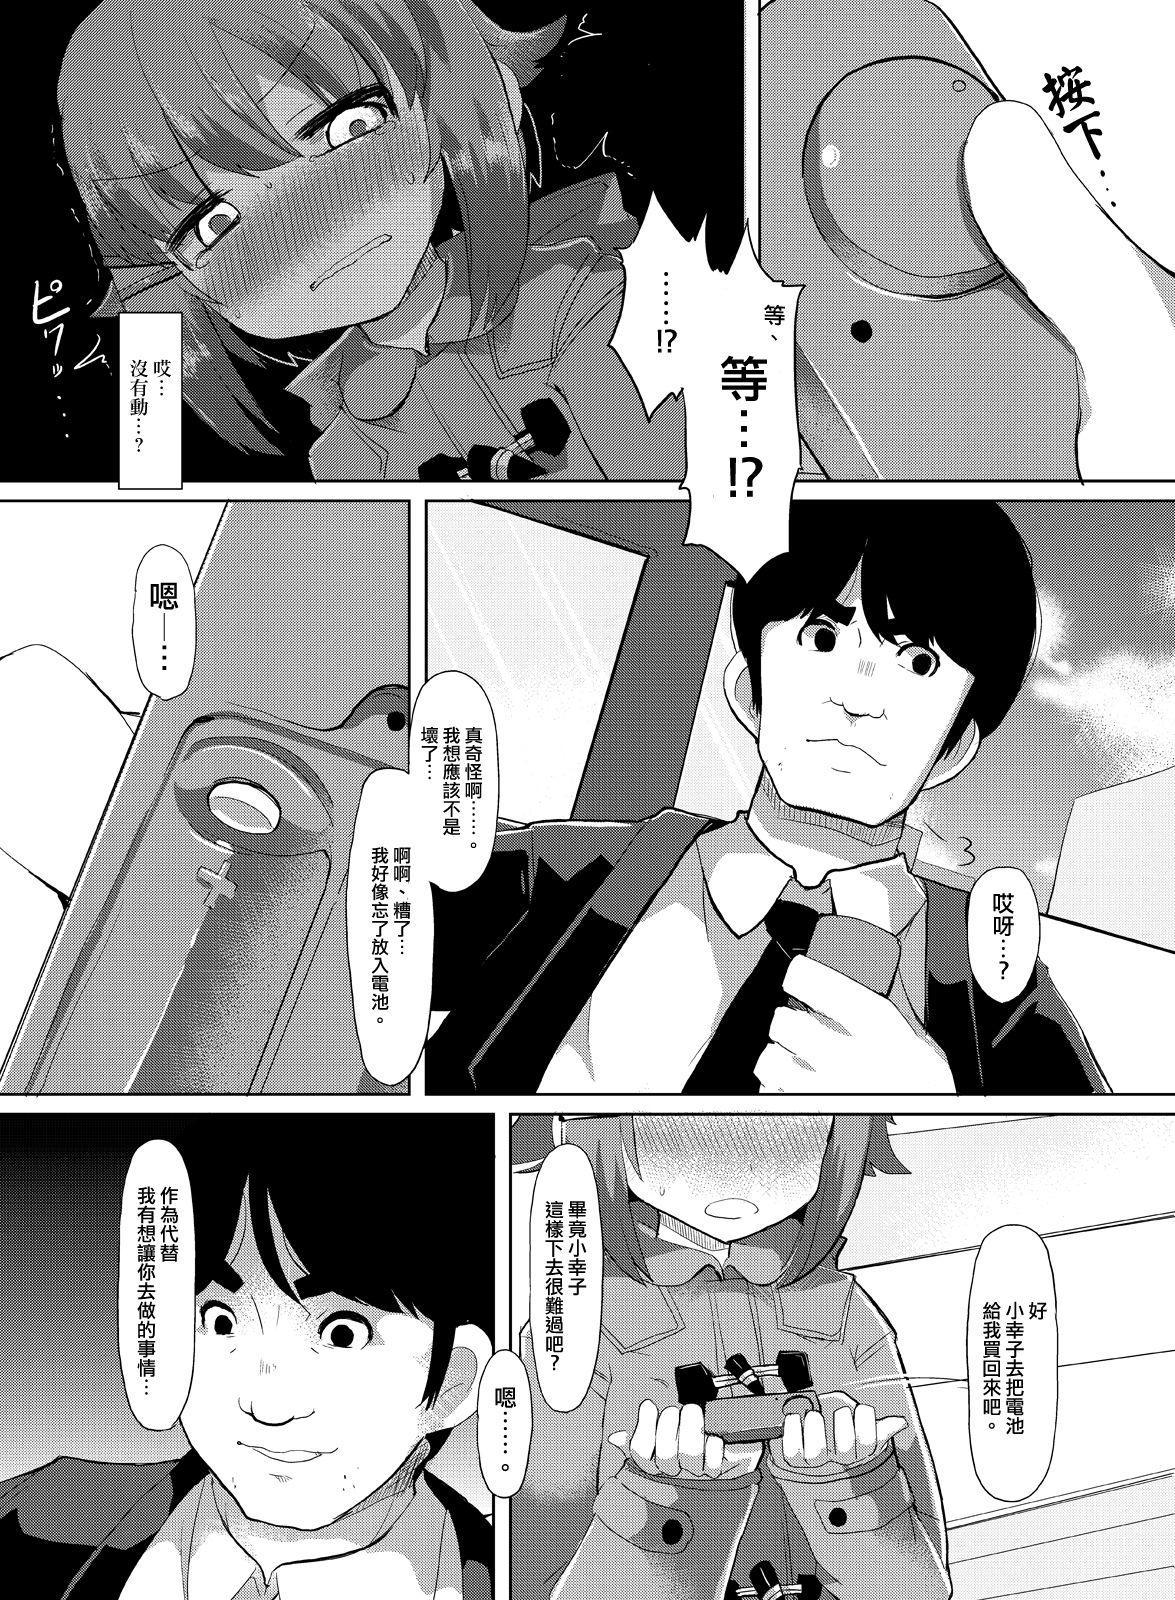 Idol no Boku ga Konna ni Kawaii no wa Atari mae 9